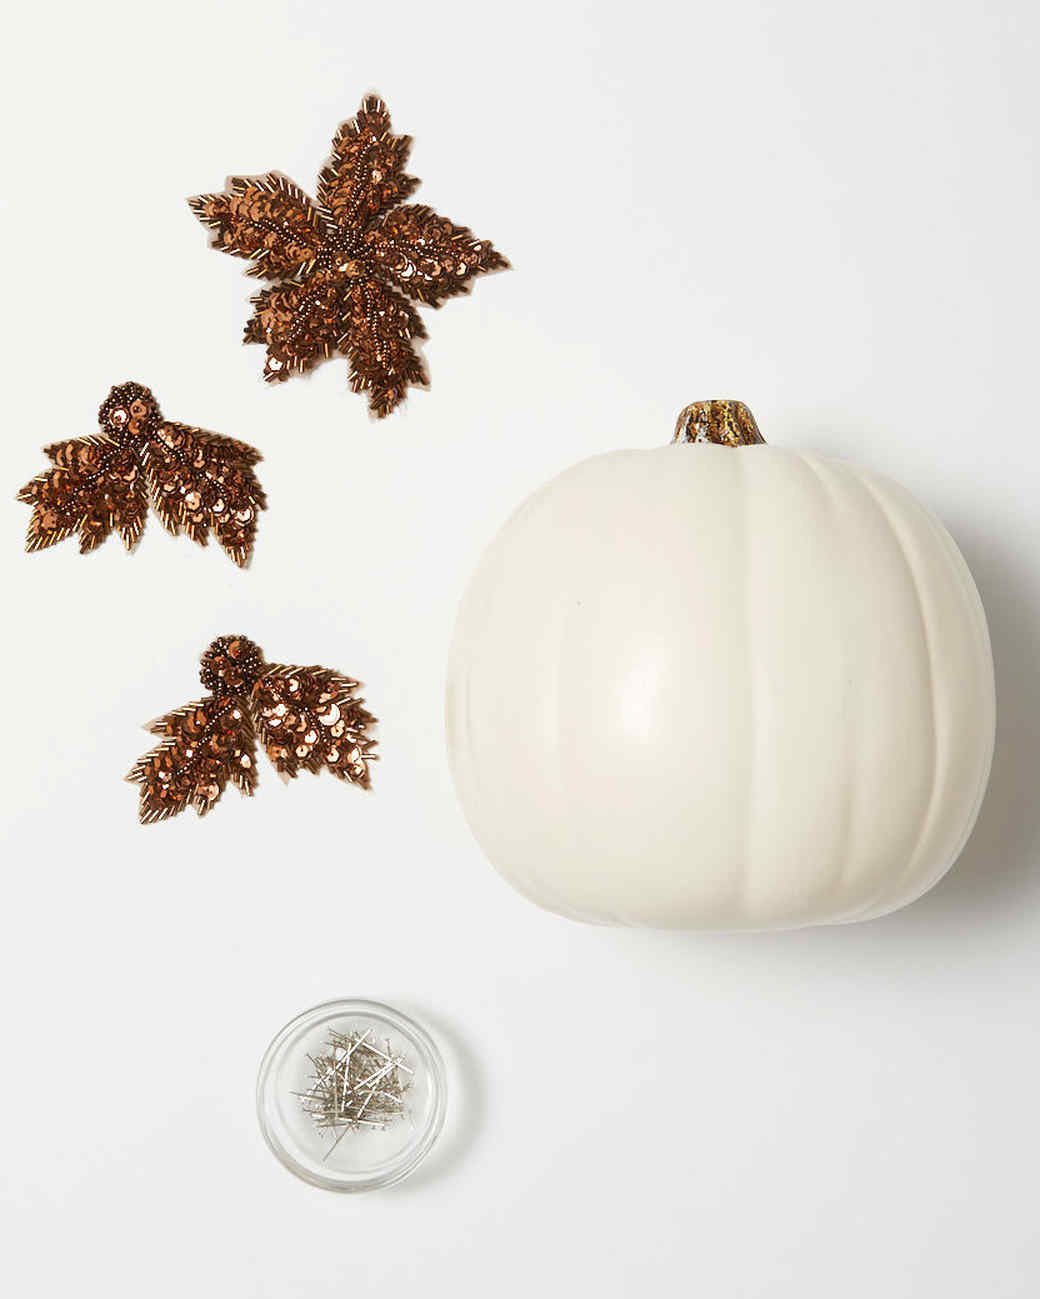 applique pumpkins bronze materials